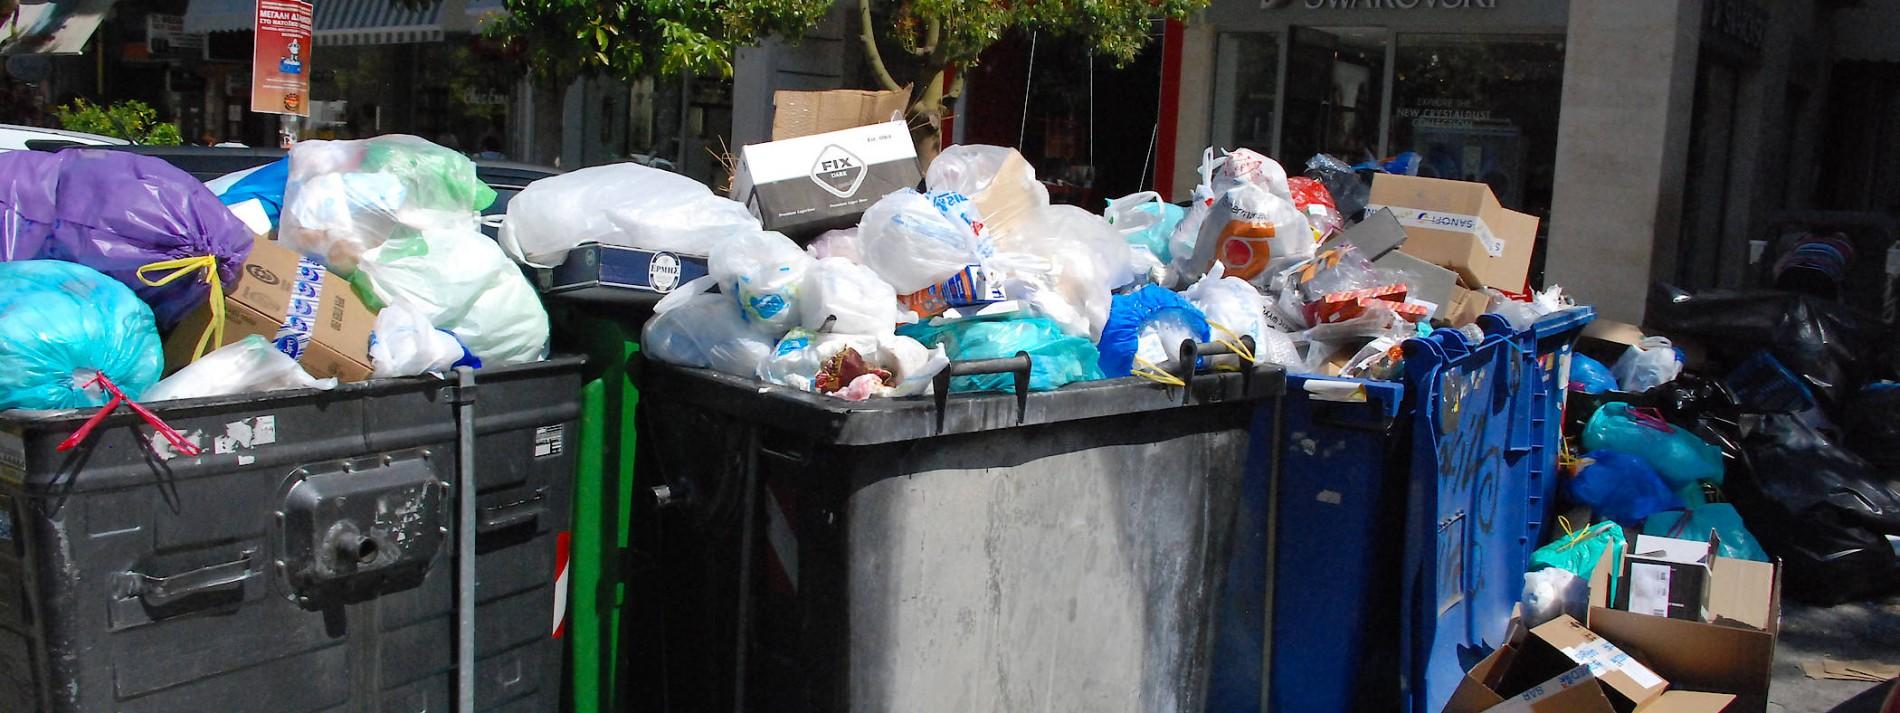 Griechenland versinkt im Abfall